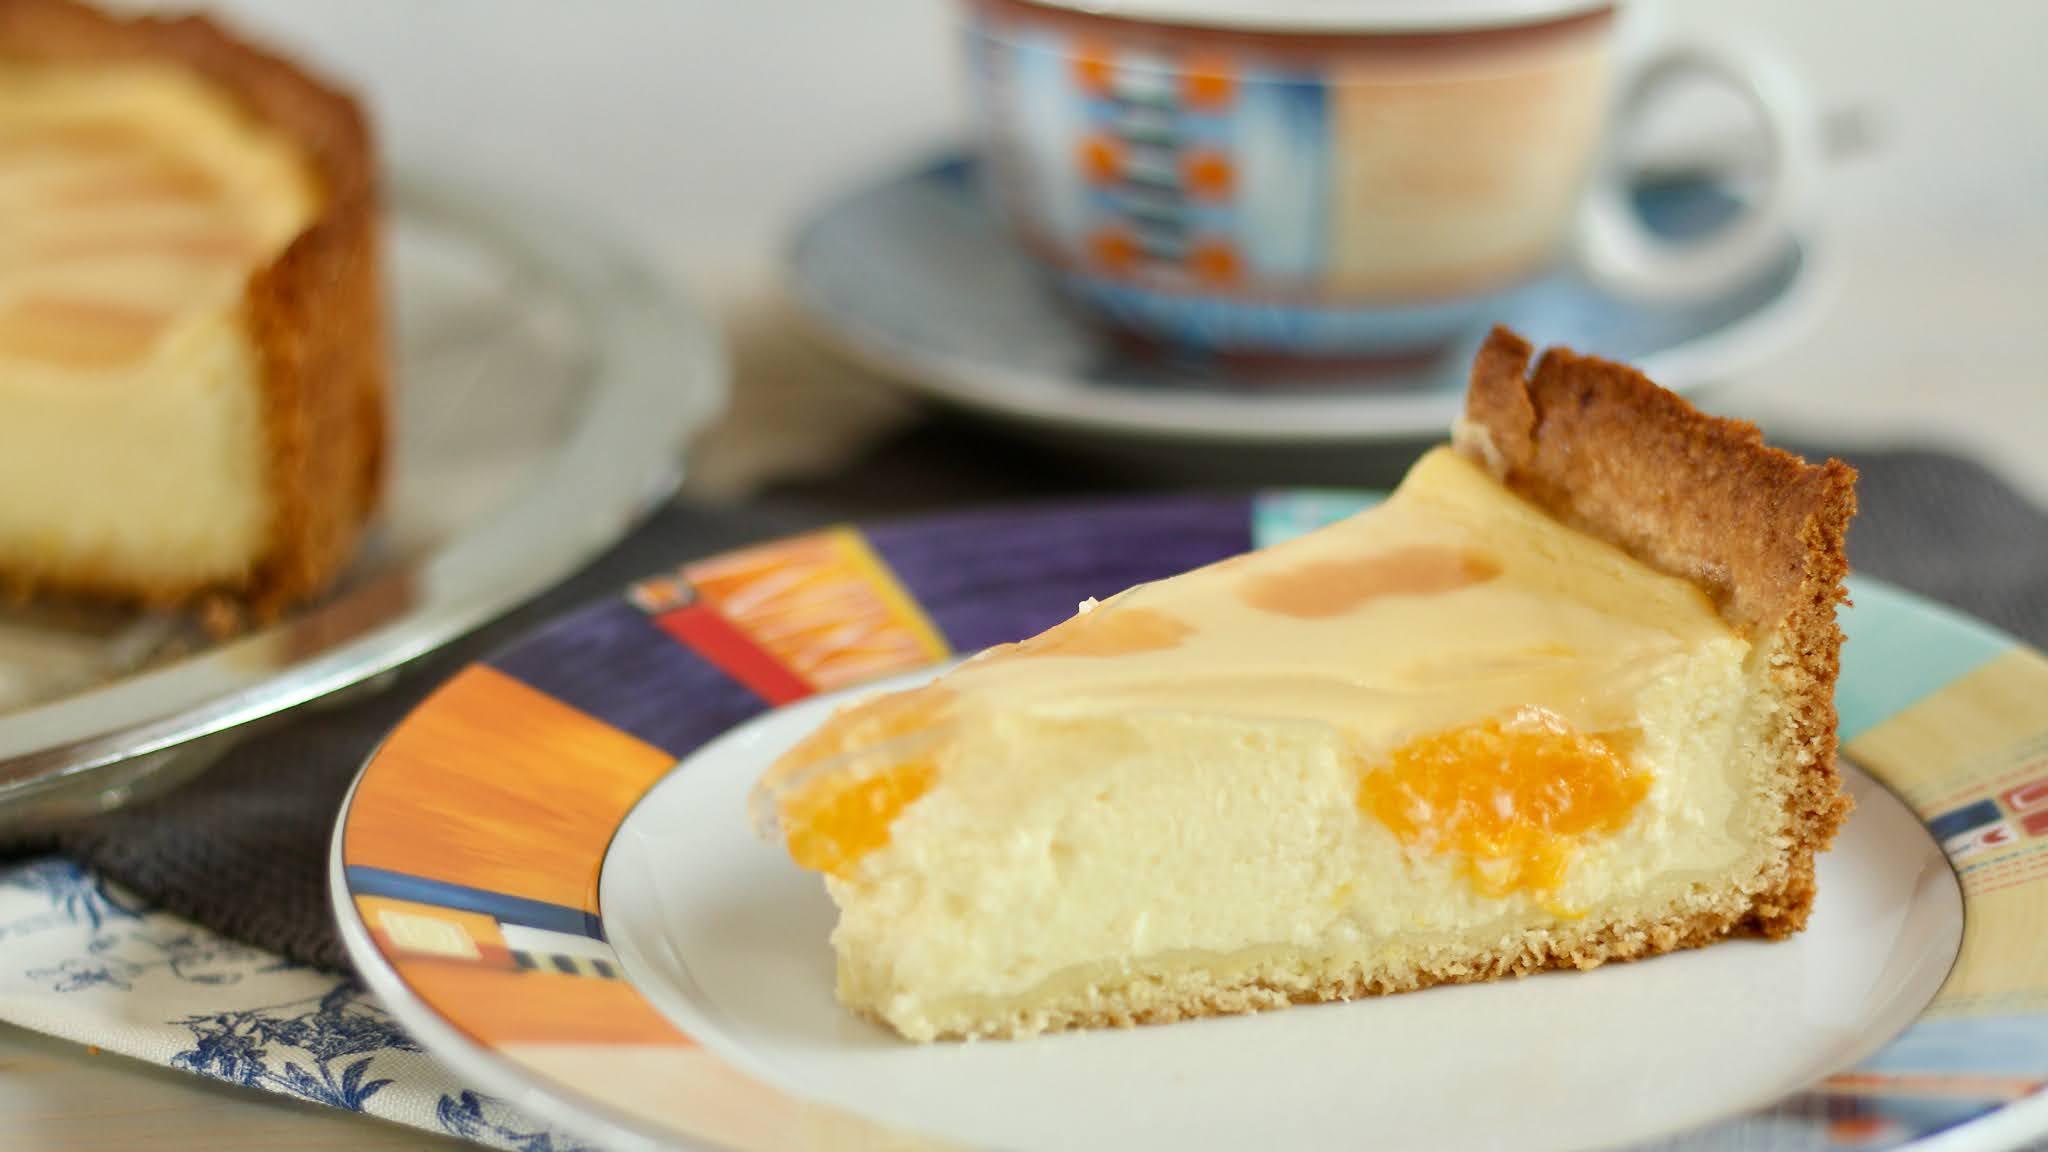 Der beste Schmandkuchen mit Mandarinen: Faule-Weiber-Kuchen super einfach und schnell gebacken! Rezept und Video von Sugarprincess